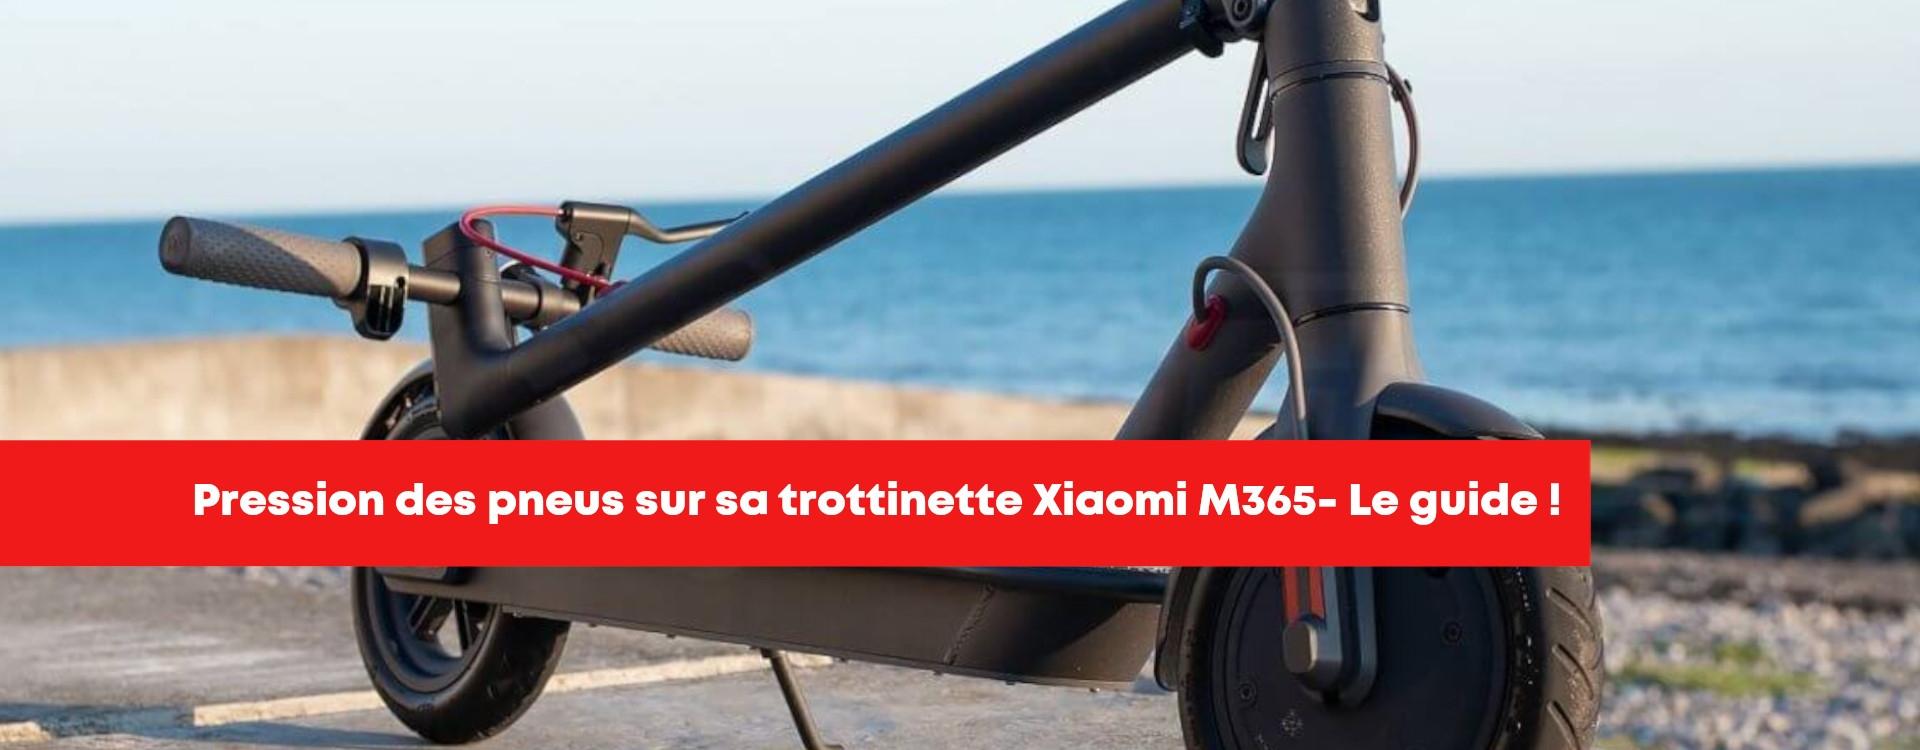 Régler la pression des pneus pour trottinette électrique Xiaomi M365